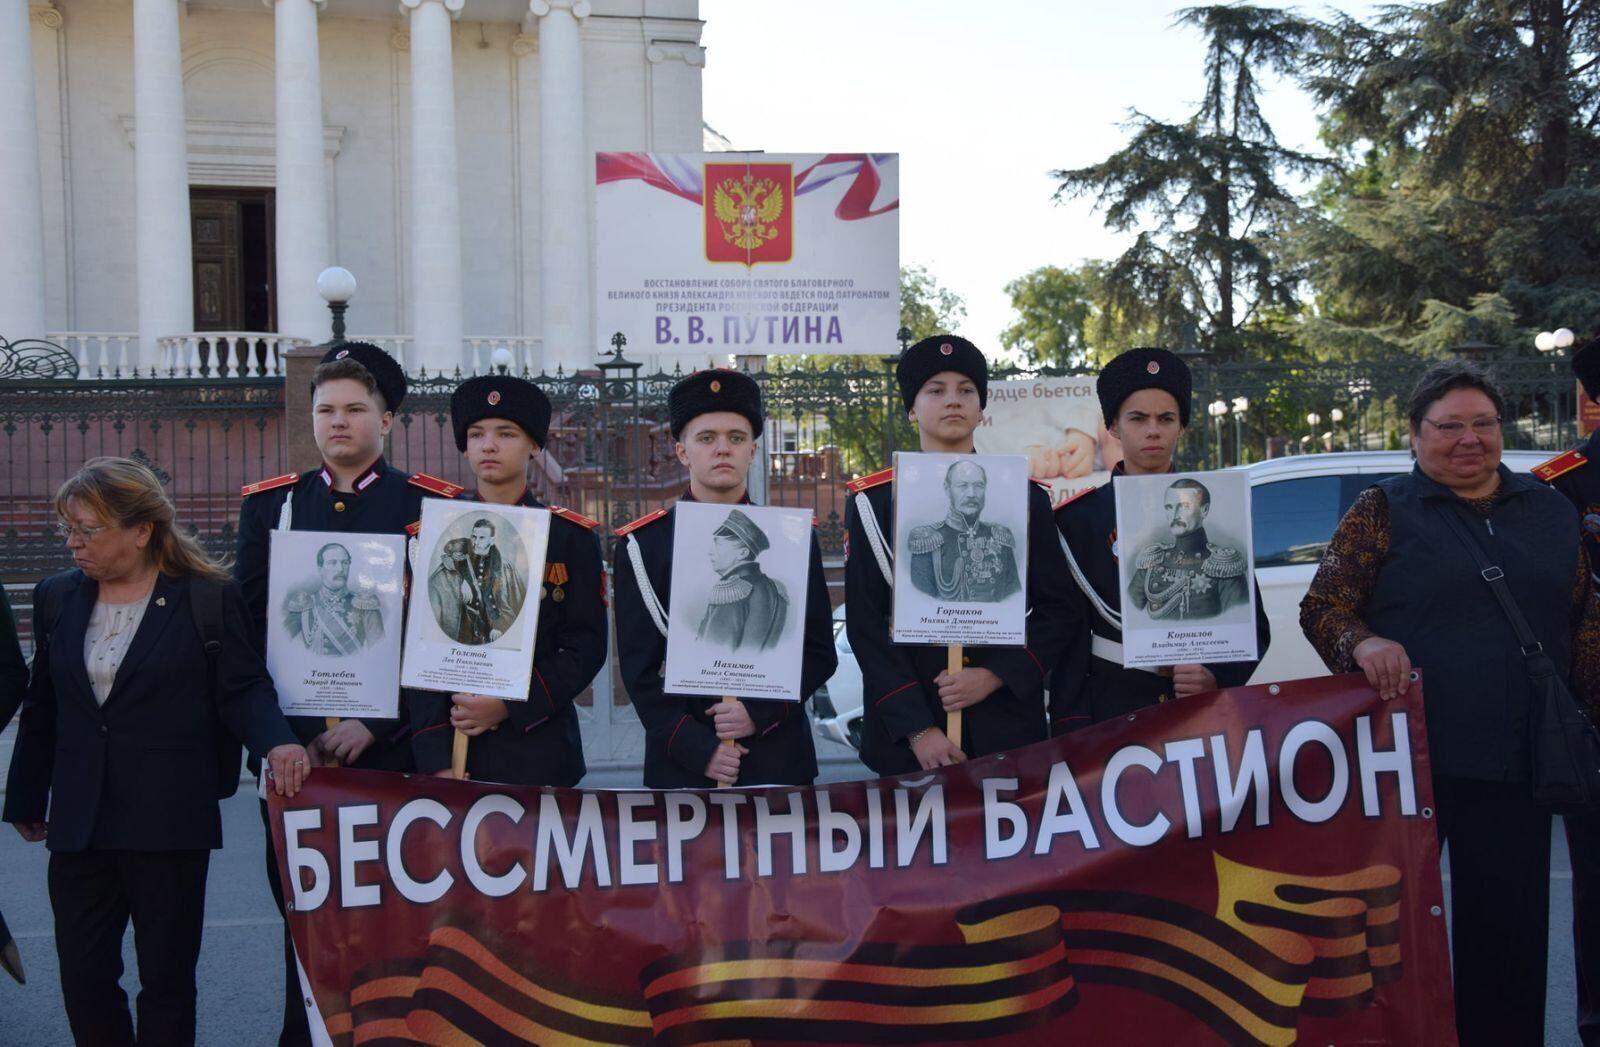 Новости Крымнаша. Крым постепенно превращают в Тагил